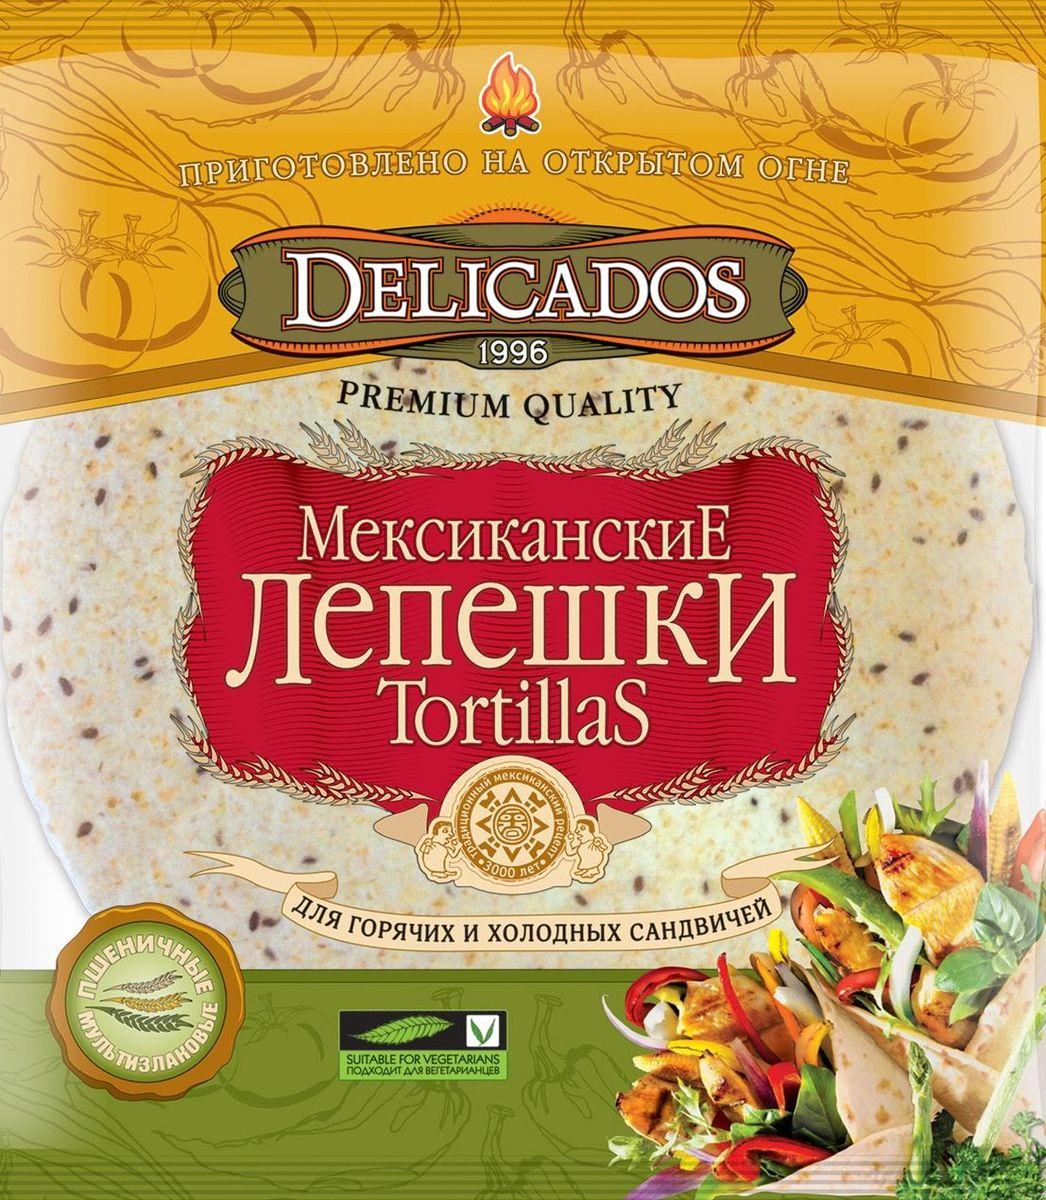 Delicados лепешки мультизлаковые, 400 гбрс003Мексиканская лепешка Тортилья известна всему миру не только как разновидность хлебного продукта или лаваша, но и как символ Мексики. Сложно представить мексиканскую трапезу без тортильи. Ведь этот народ употребляет тортильи около 3000 лет. Еще ацтеки выпекали вкусные лепешки, которые выступали в роли тарелки, ложки и хлеба. Но простота рецептуры и функциональность не утратили своего значения и в современном мире, ведь сейчас в отсутствии времени на приготовление полноценной еды в течение дня, мы привыкли отправлять в желудок все, что попадается под руку. А мультизлаковая тортилья с блеском решает проблему обедов, перекусов и быстрых и полезных бутербродов.